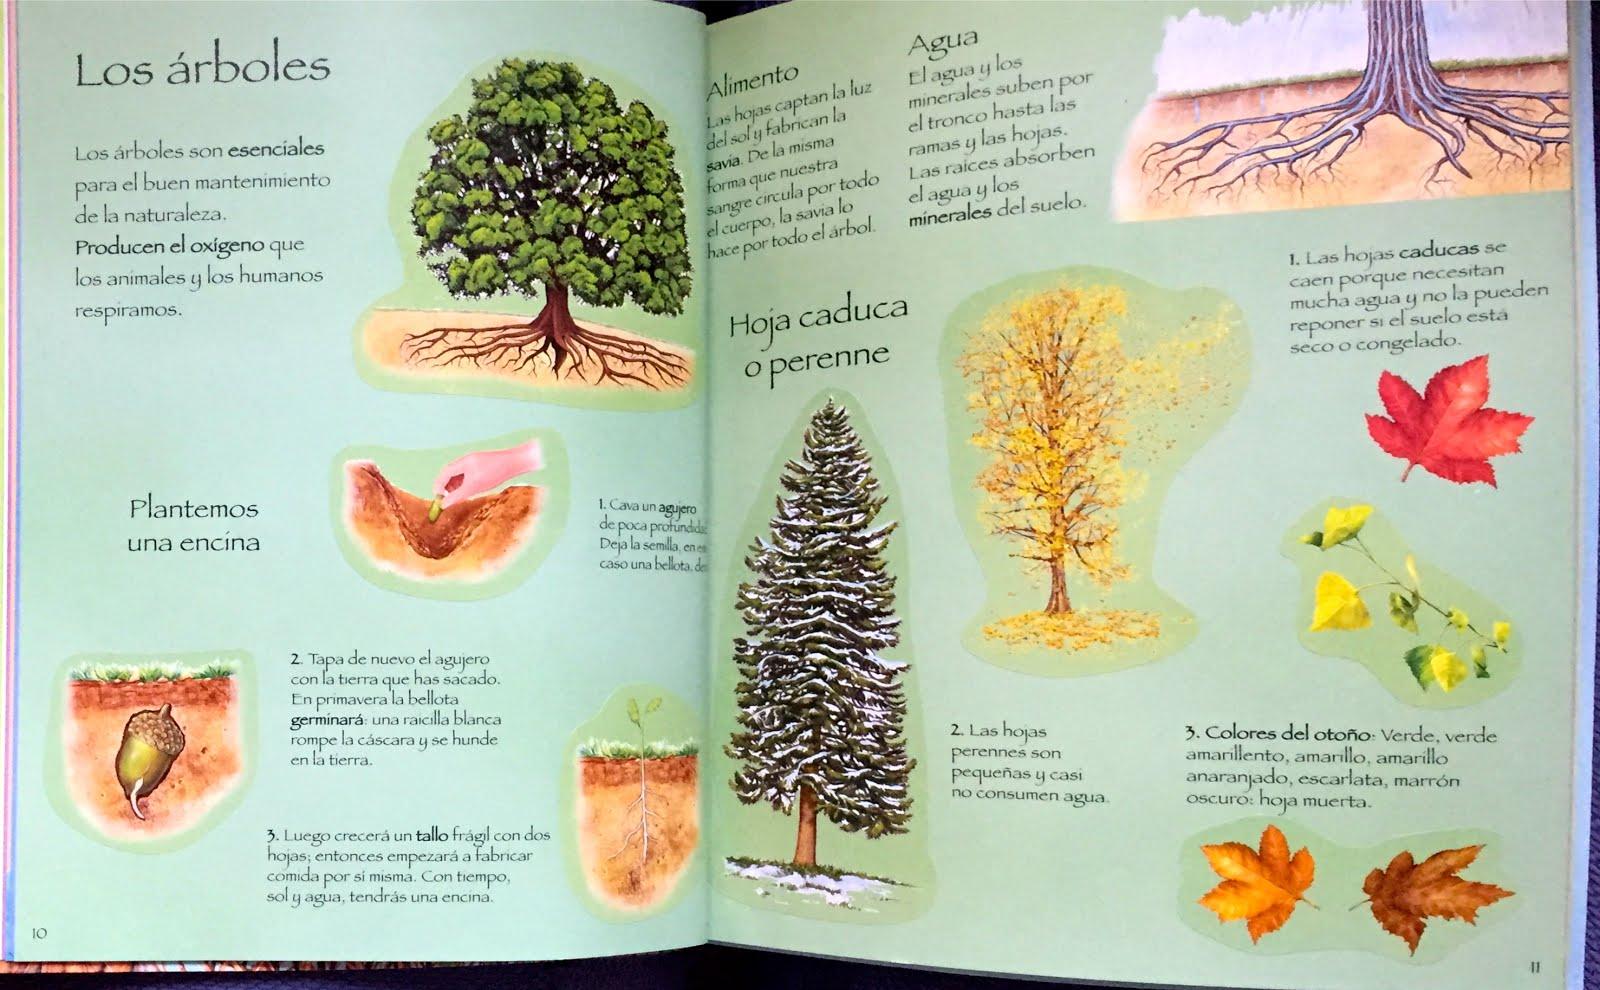 Elmer y compa a los rboles sus hojas iv for Diferencia entre arboles de hoja caduca y hoja perenne